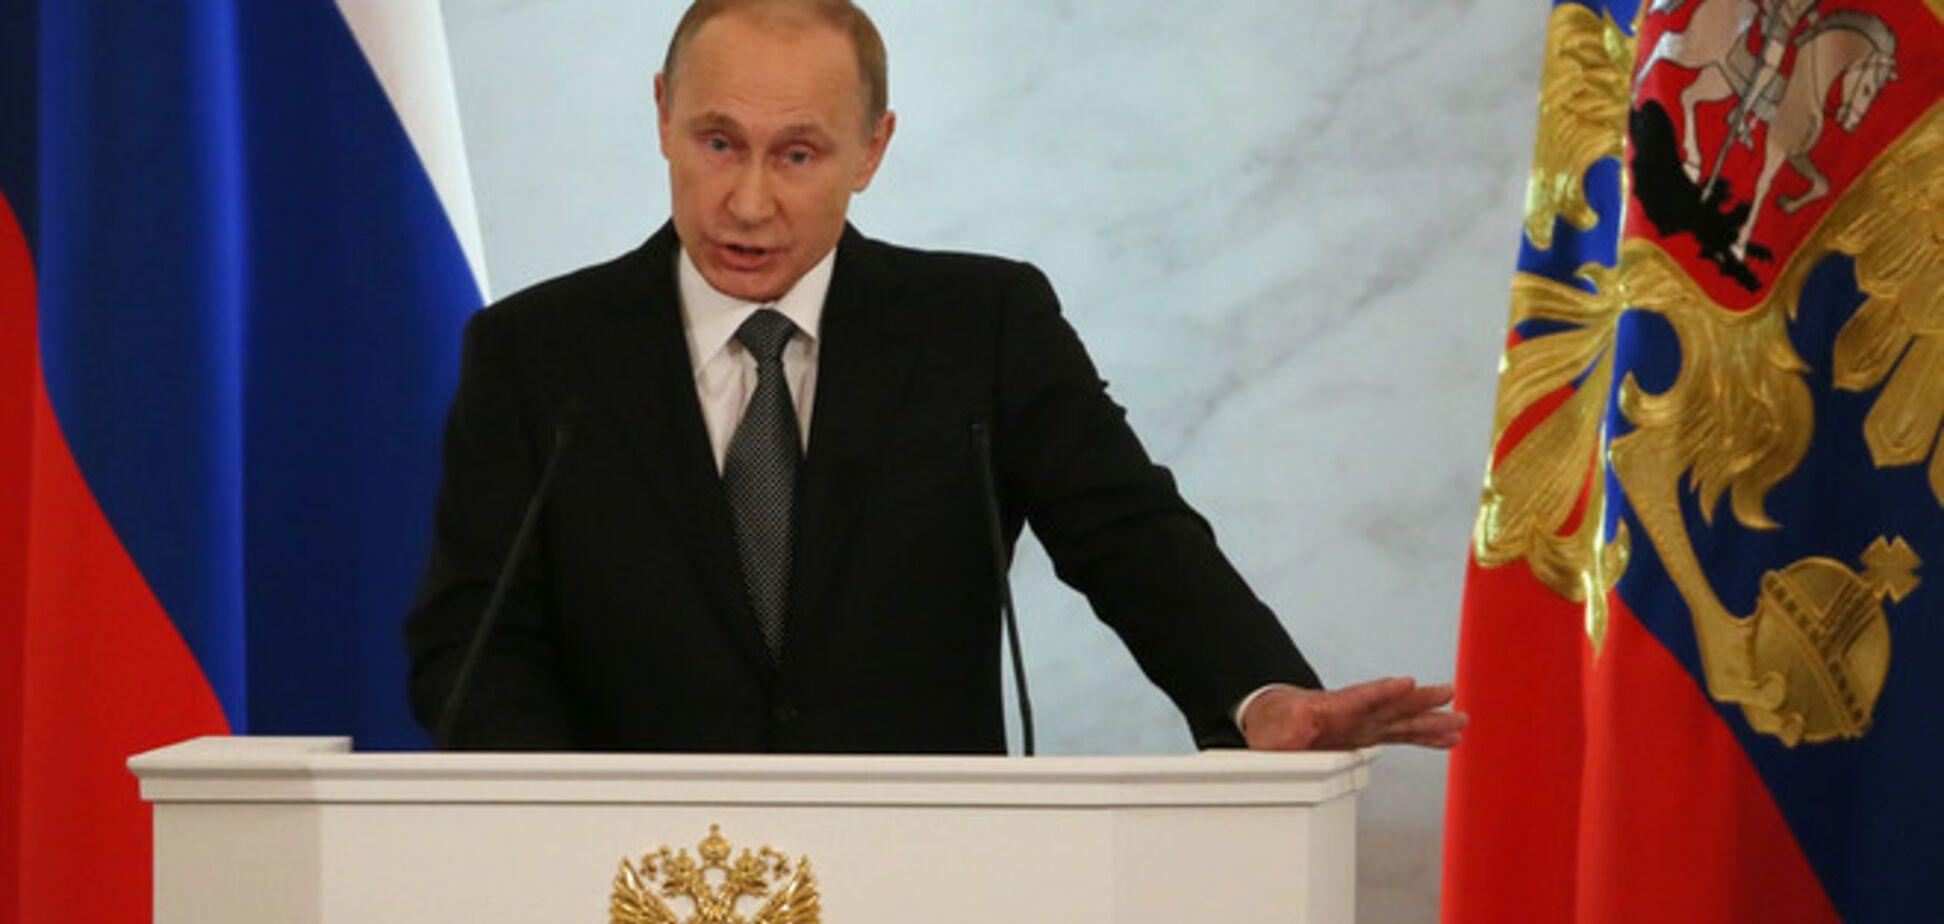 В России перечислили ошибки Путина в Украине: он в бешенстве